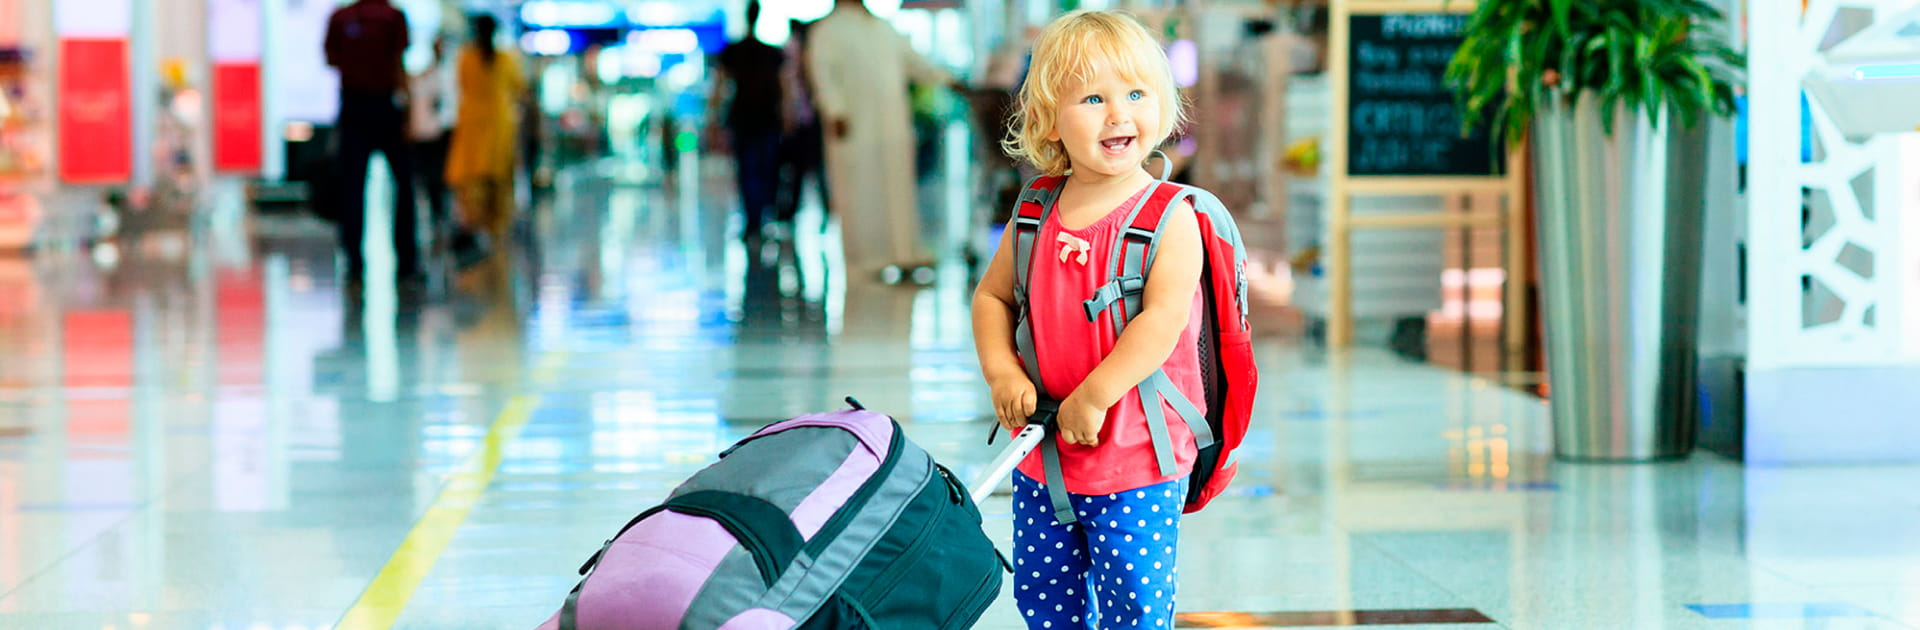 Снятие запрета на выезд ребенка за границу